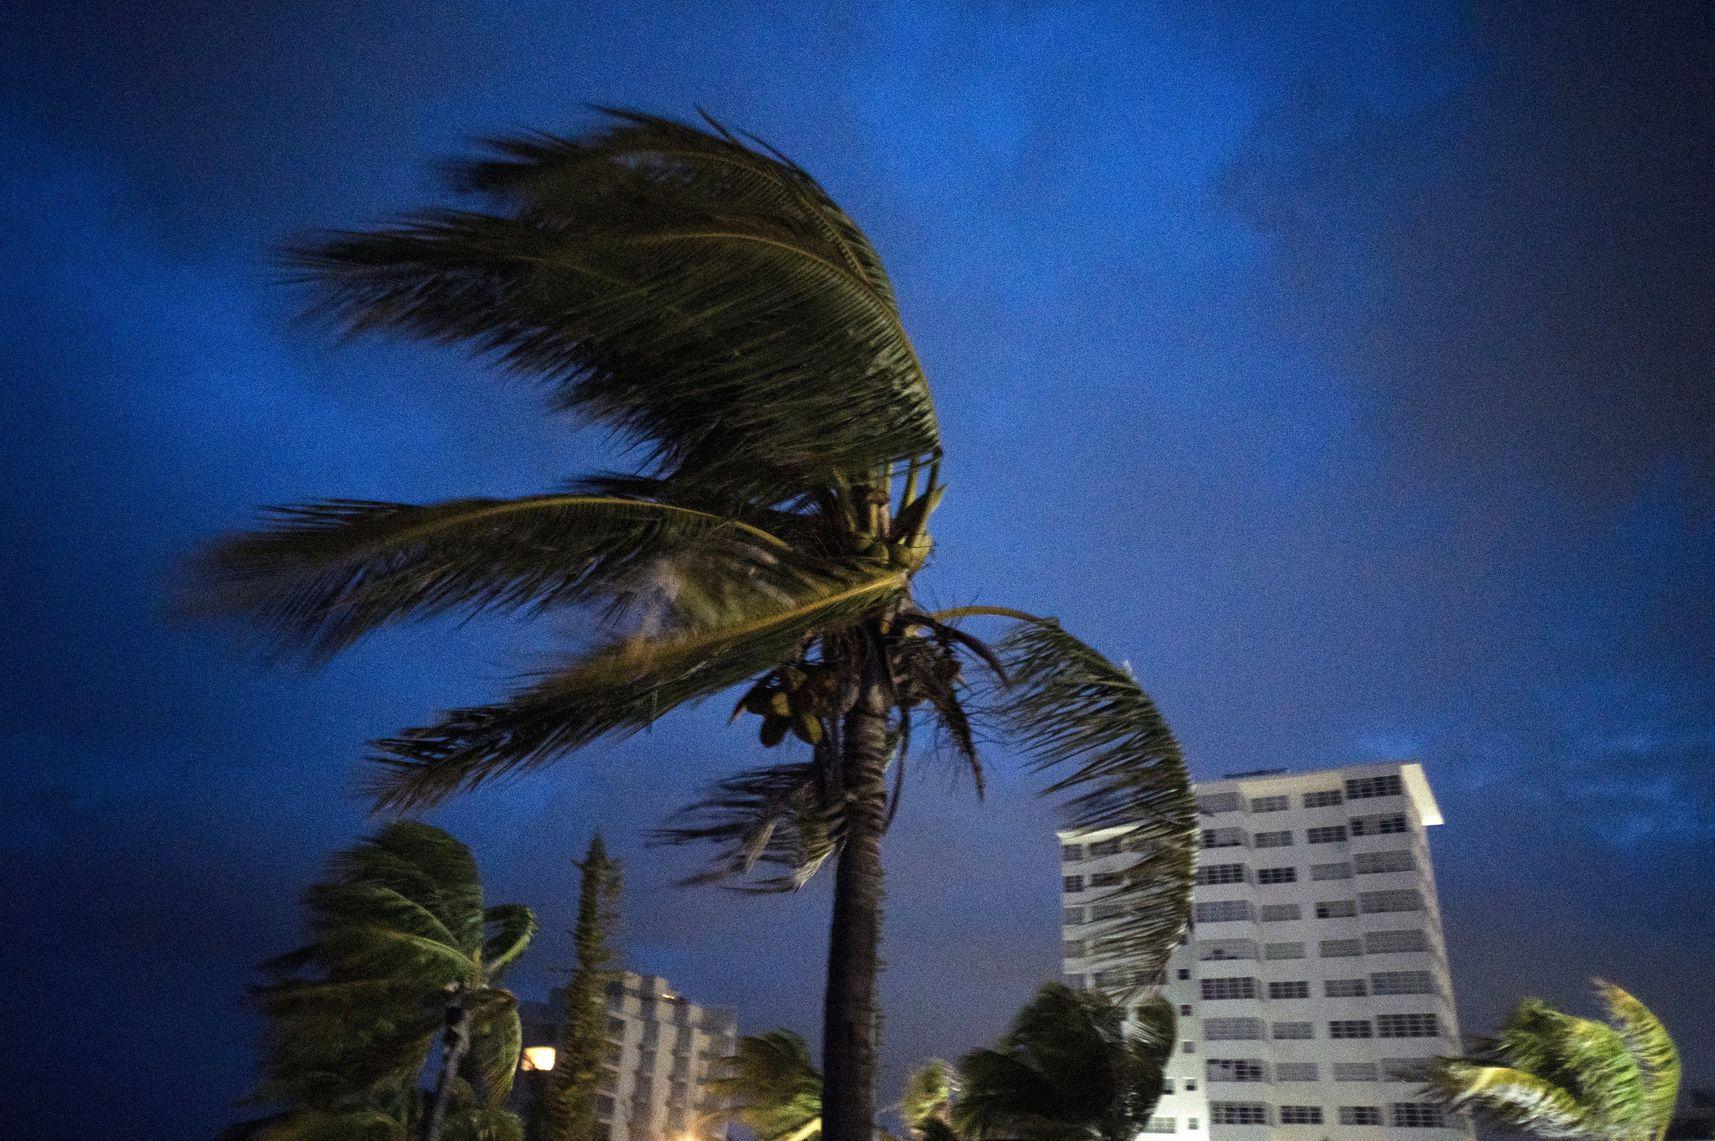 Fuertes vientos agitan las palmas de los cocoteros a la llegada del huracán Dorian a Freeport, Gran Bahama, Bahamas, el doming 1 de septiembre de 2019. (AP Foto/Ramón Espinosa)